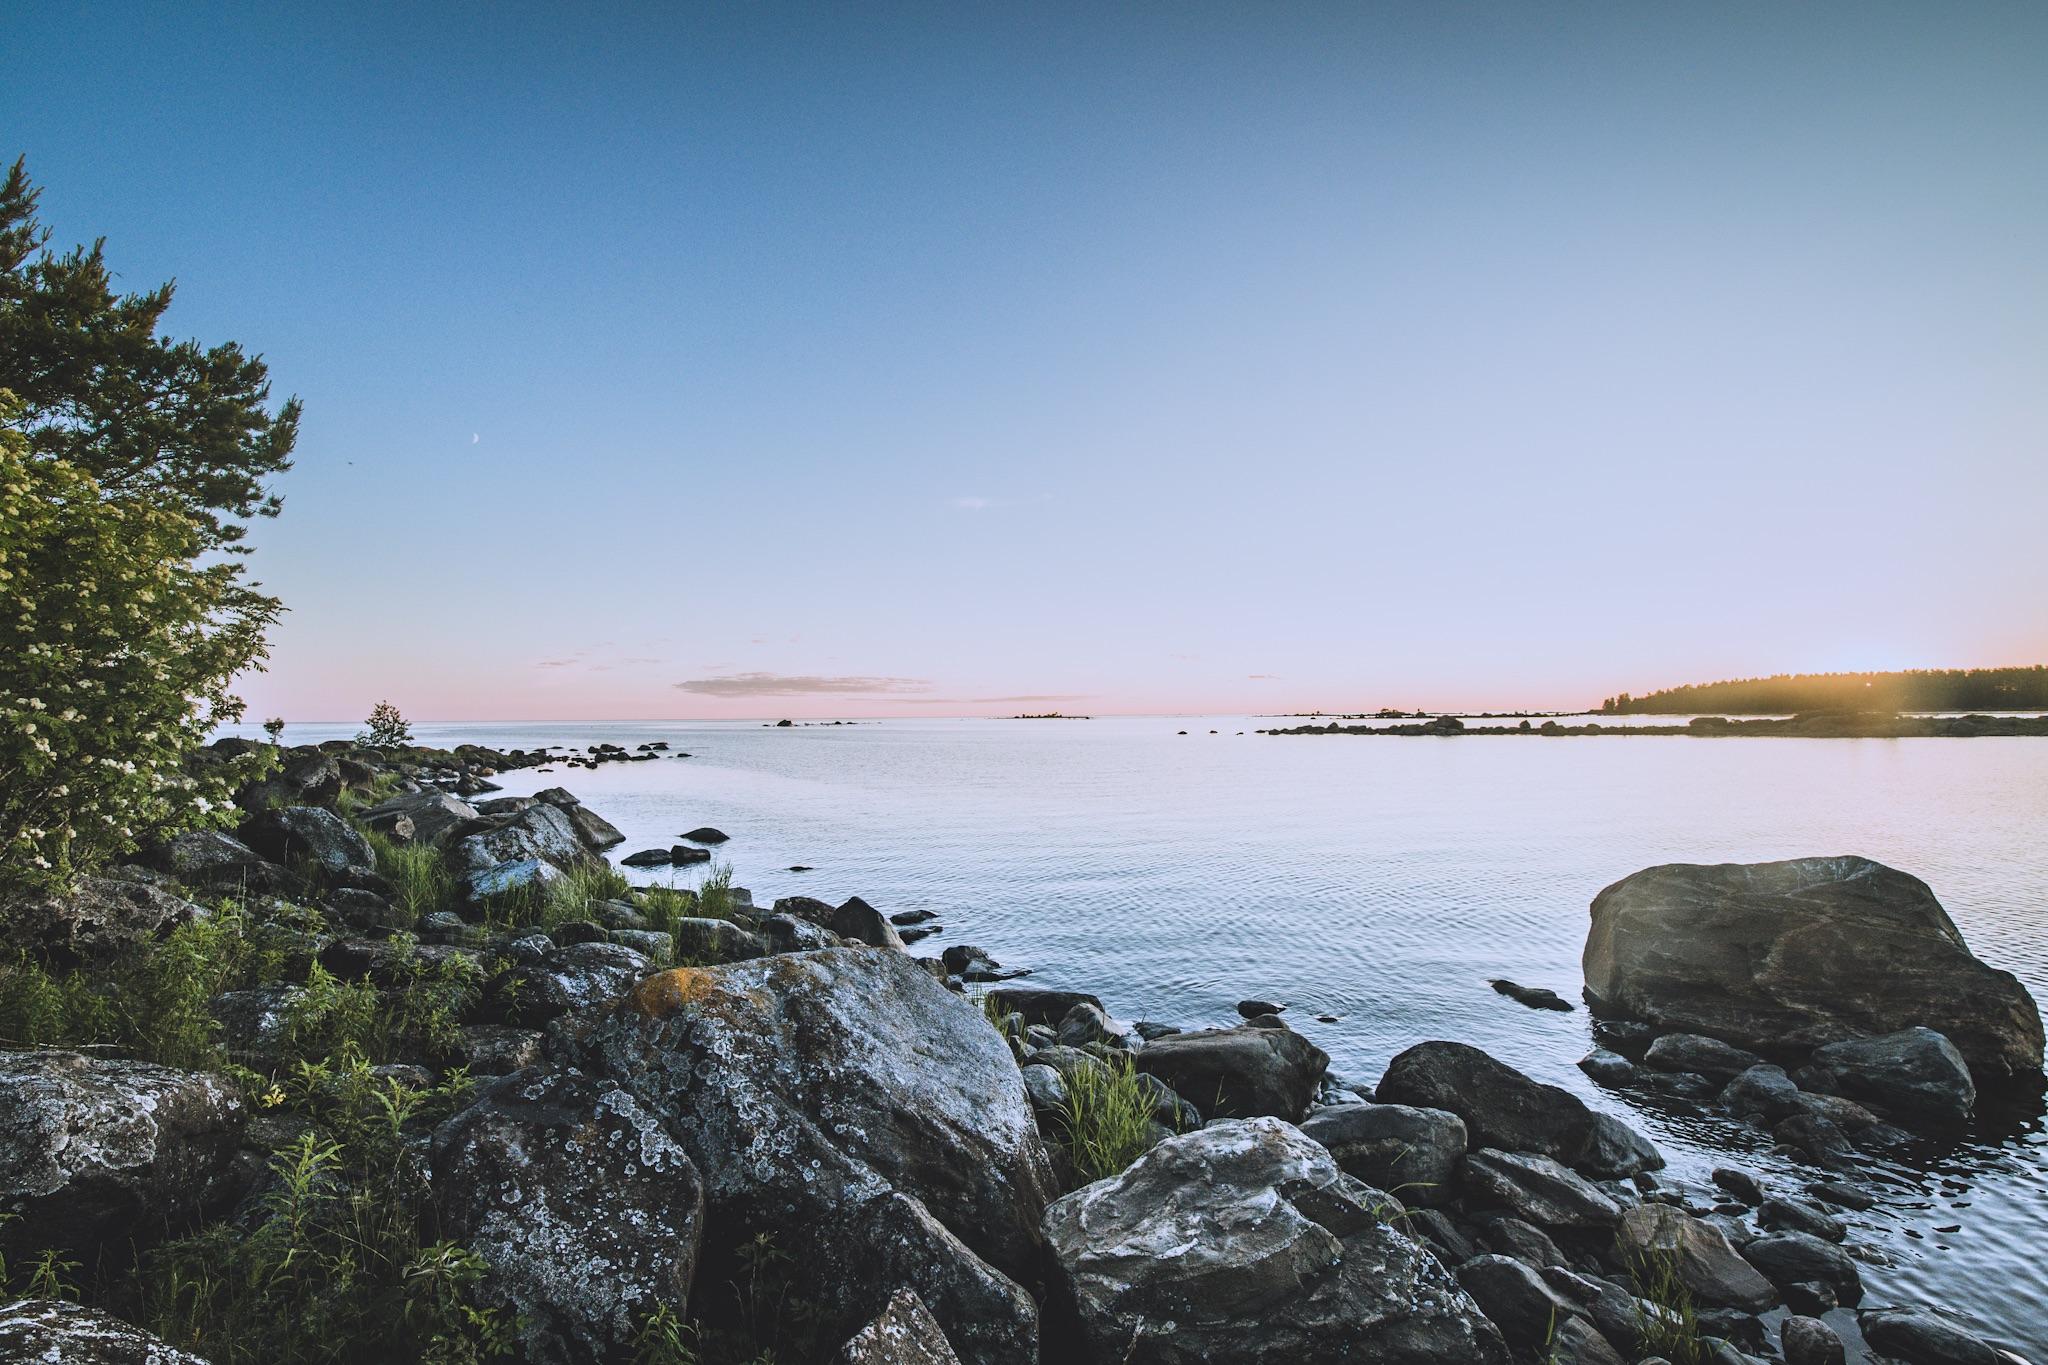 Illan maisemia saaresta. Viereisen luodon tiirat olivat ärhäkkänä kun meloin ohi, mutta rauhoittuivat kun pääsin saaren rantaan.